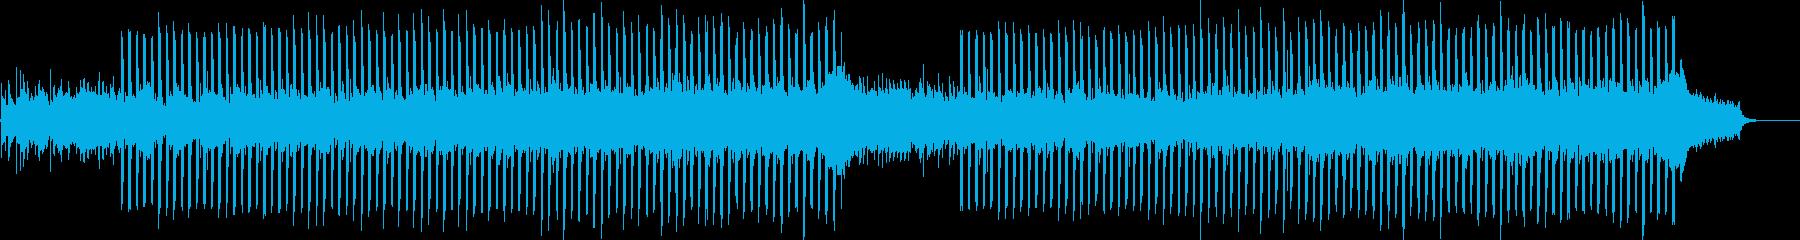 企業VP系25、爽やかギター4つ打ち4aの再生済みの波形